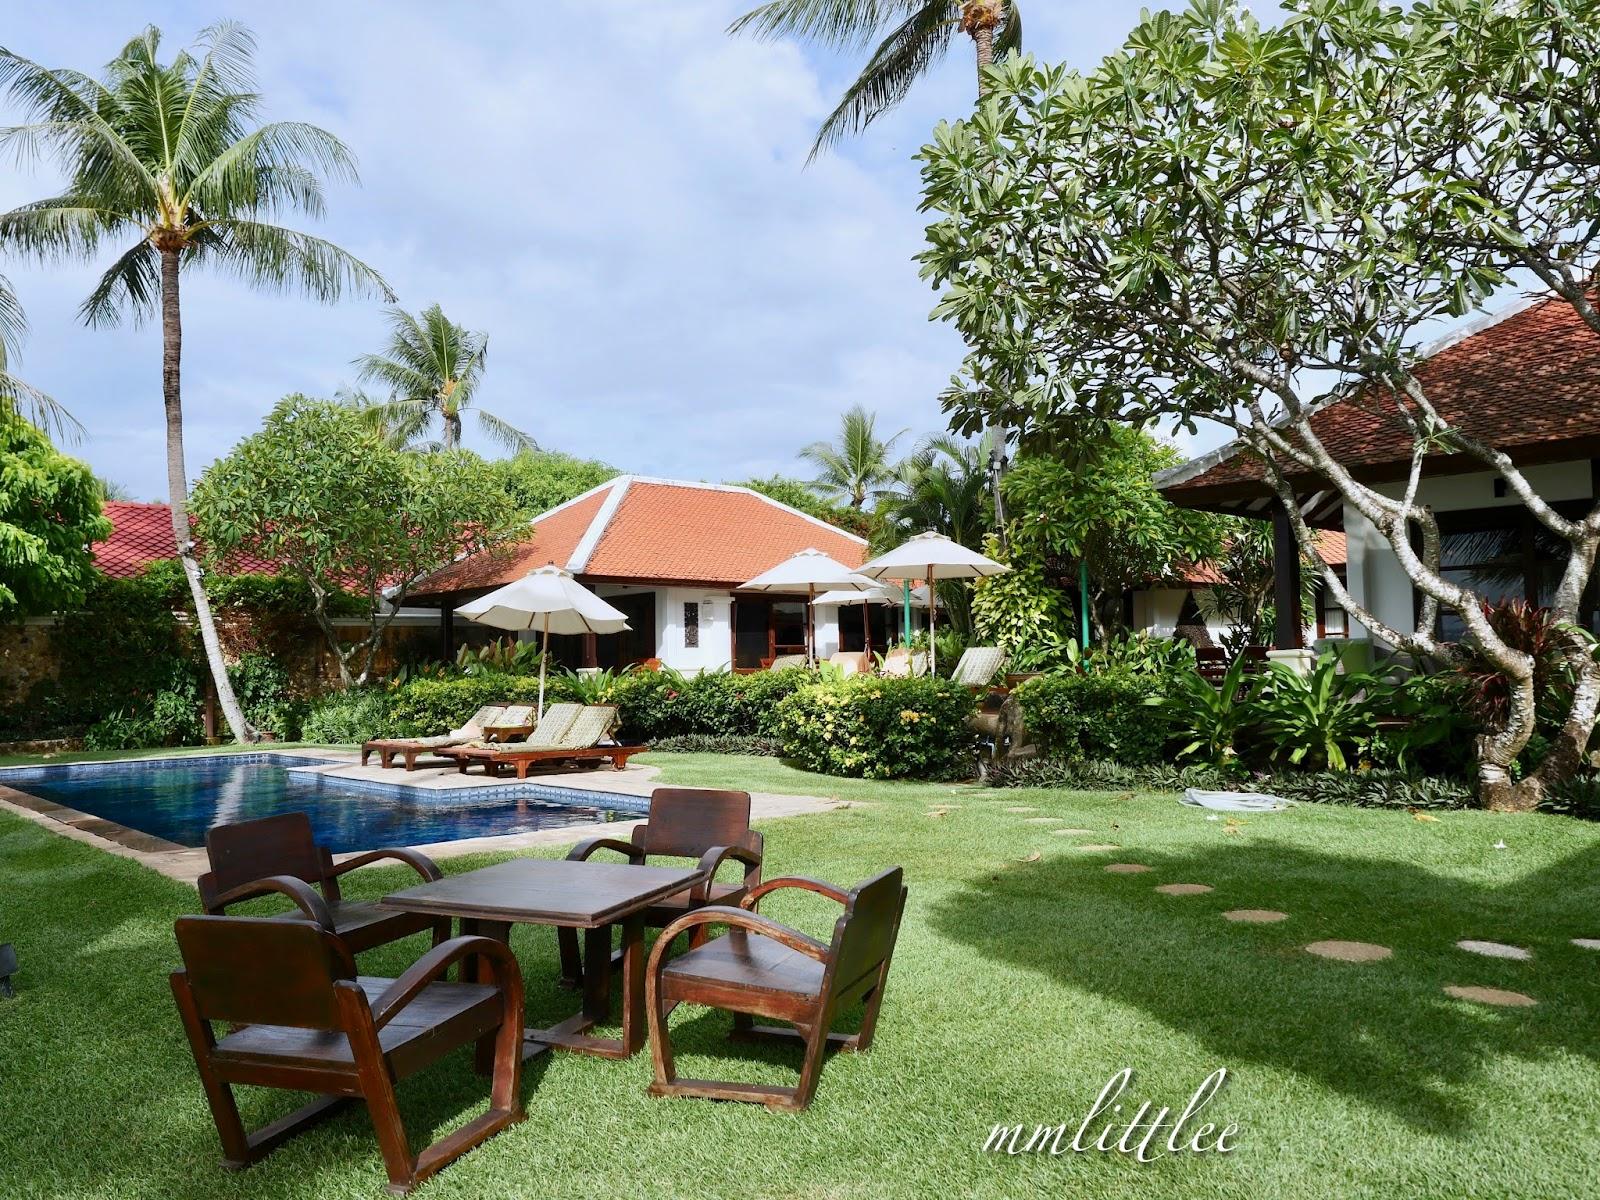 Koh Samui Luxury Beach Villa - Ban Haad Sai | a million little echoes